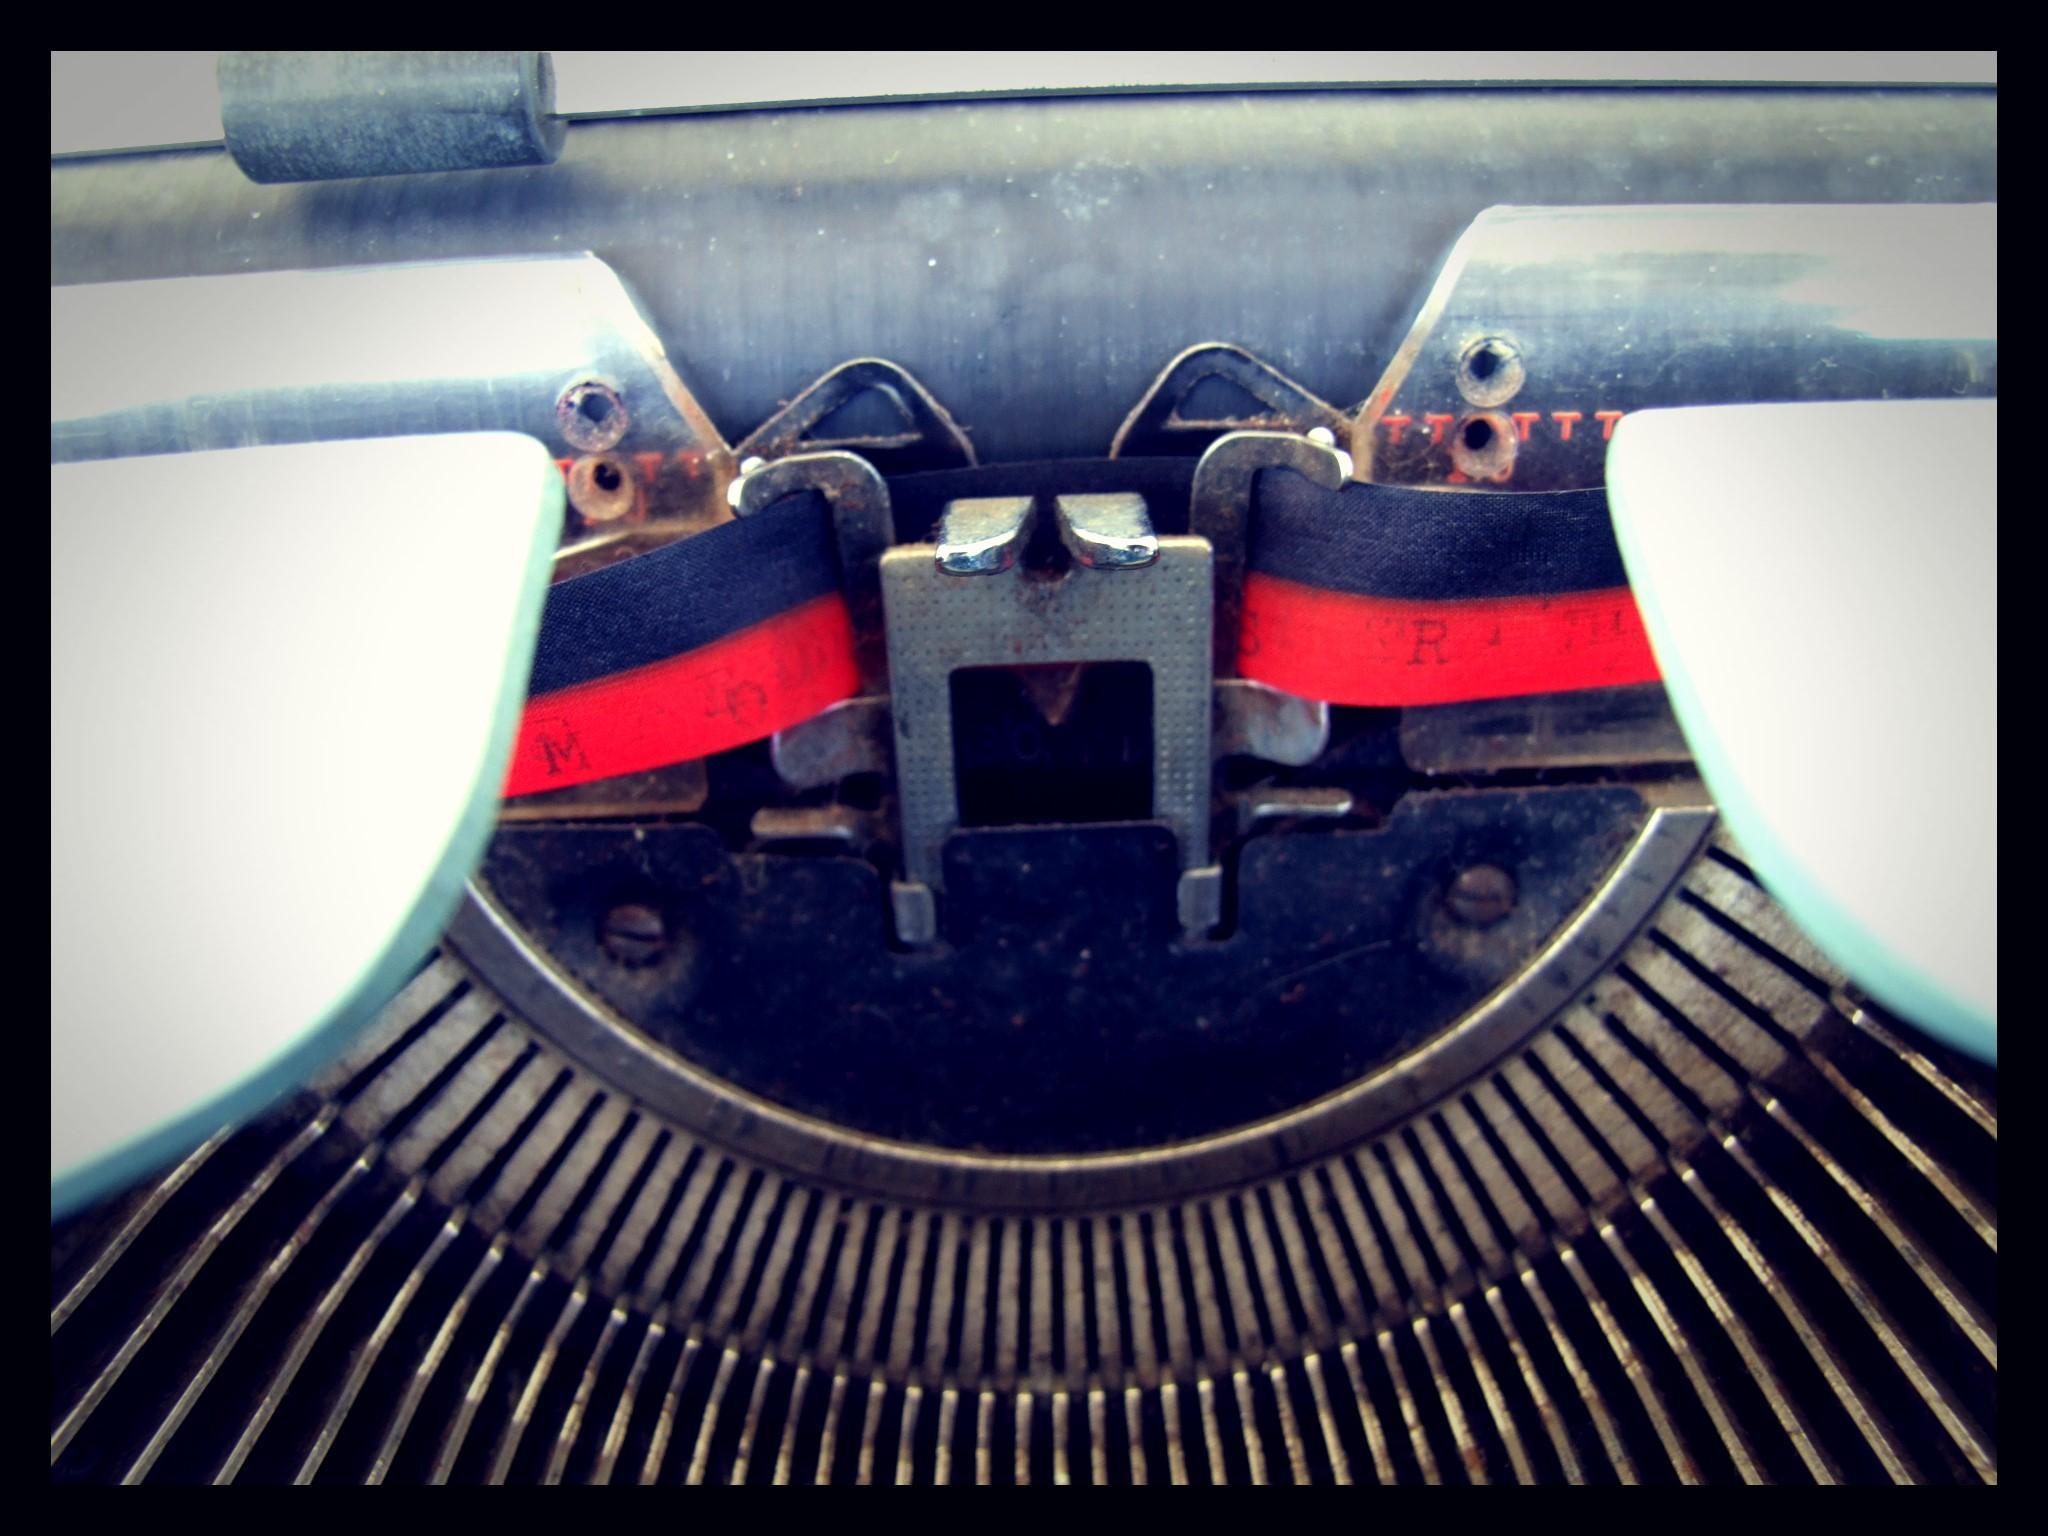 surprisinglives.net/typewriter/